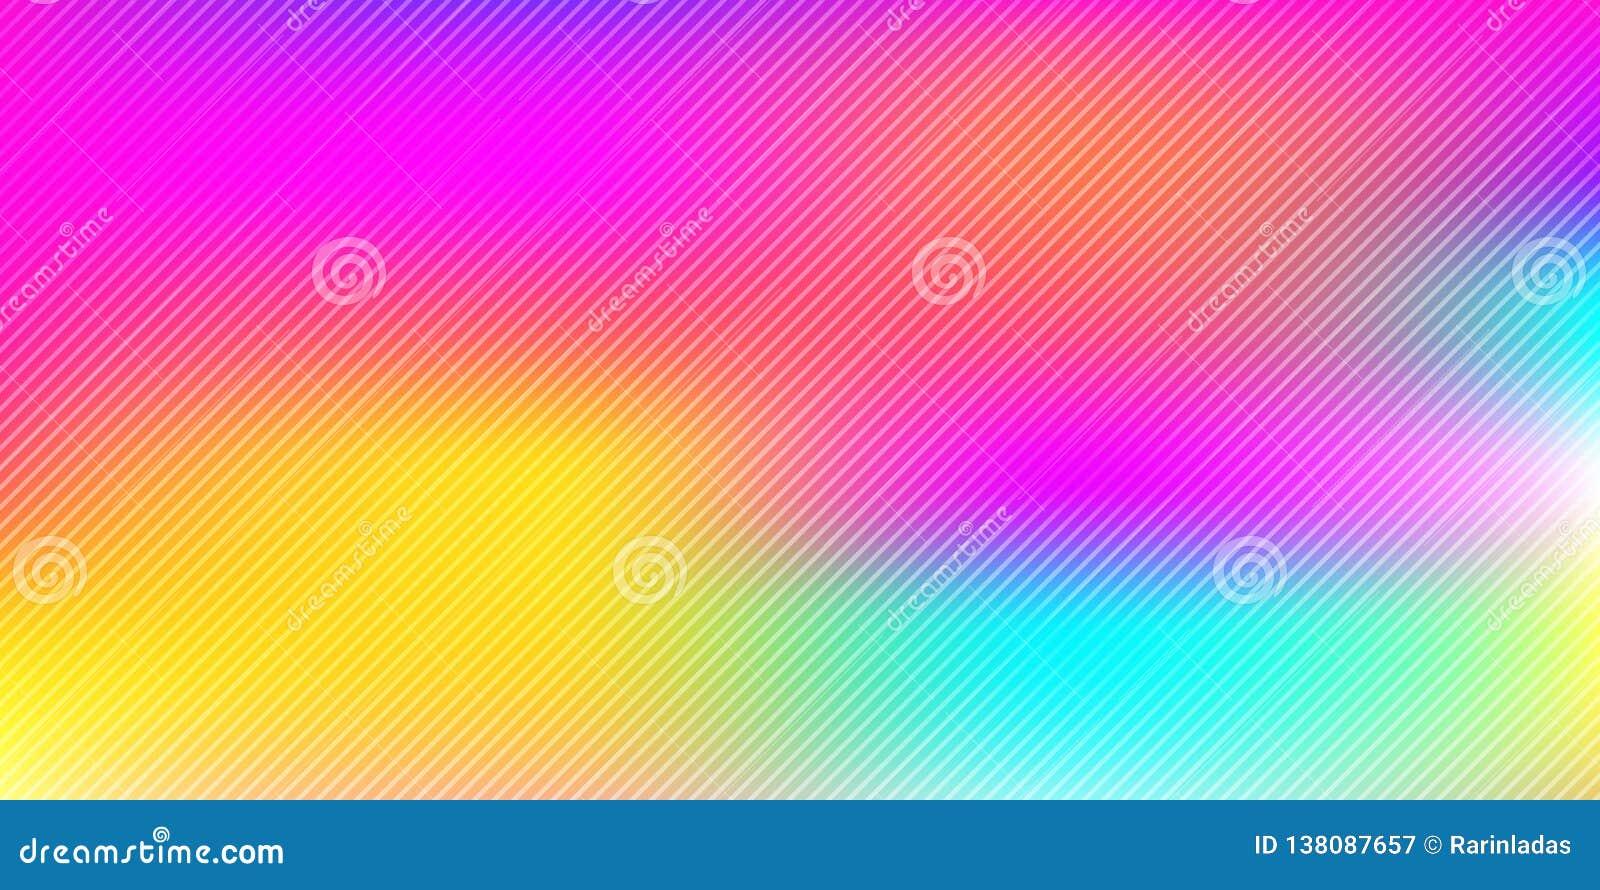 Αφηρημένο ζωηρόχρωμο θολωμένο ουράνιο τόξο υπόβαθρο με τη διαγώνια σύσταση σχεδίων γραμμών